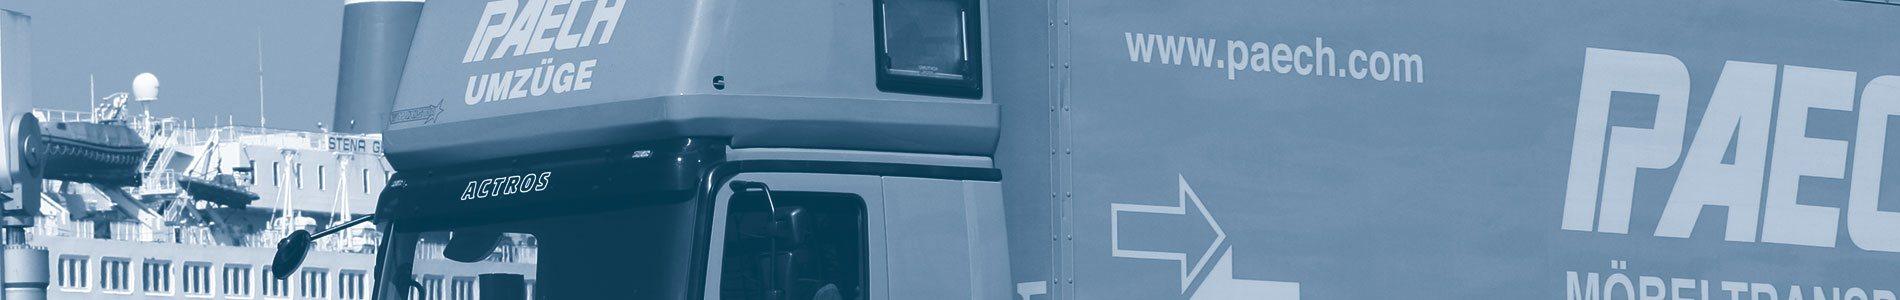 Ute Paech GmbH & Co. KG - Umzug nach Finnland - Helsinki, Espoo, Tampere und mehr!